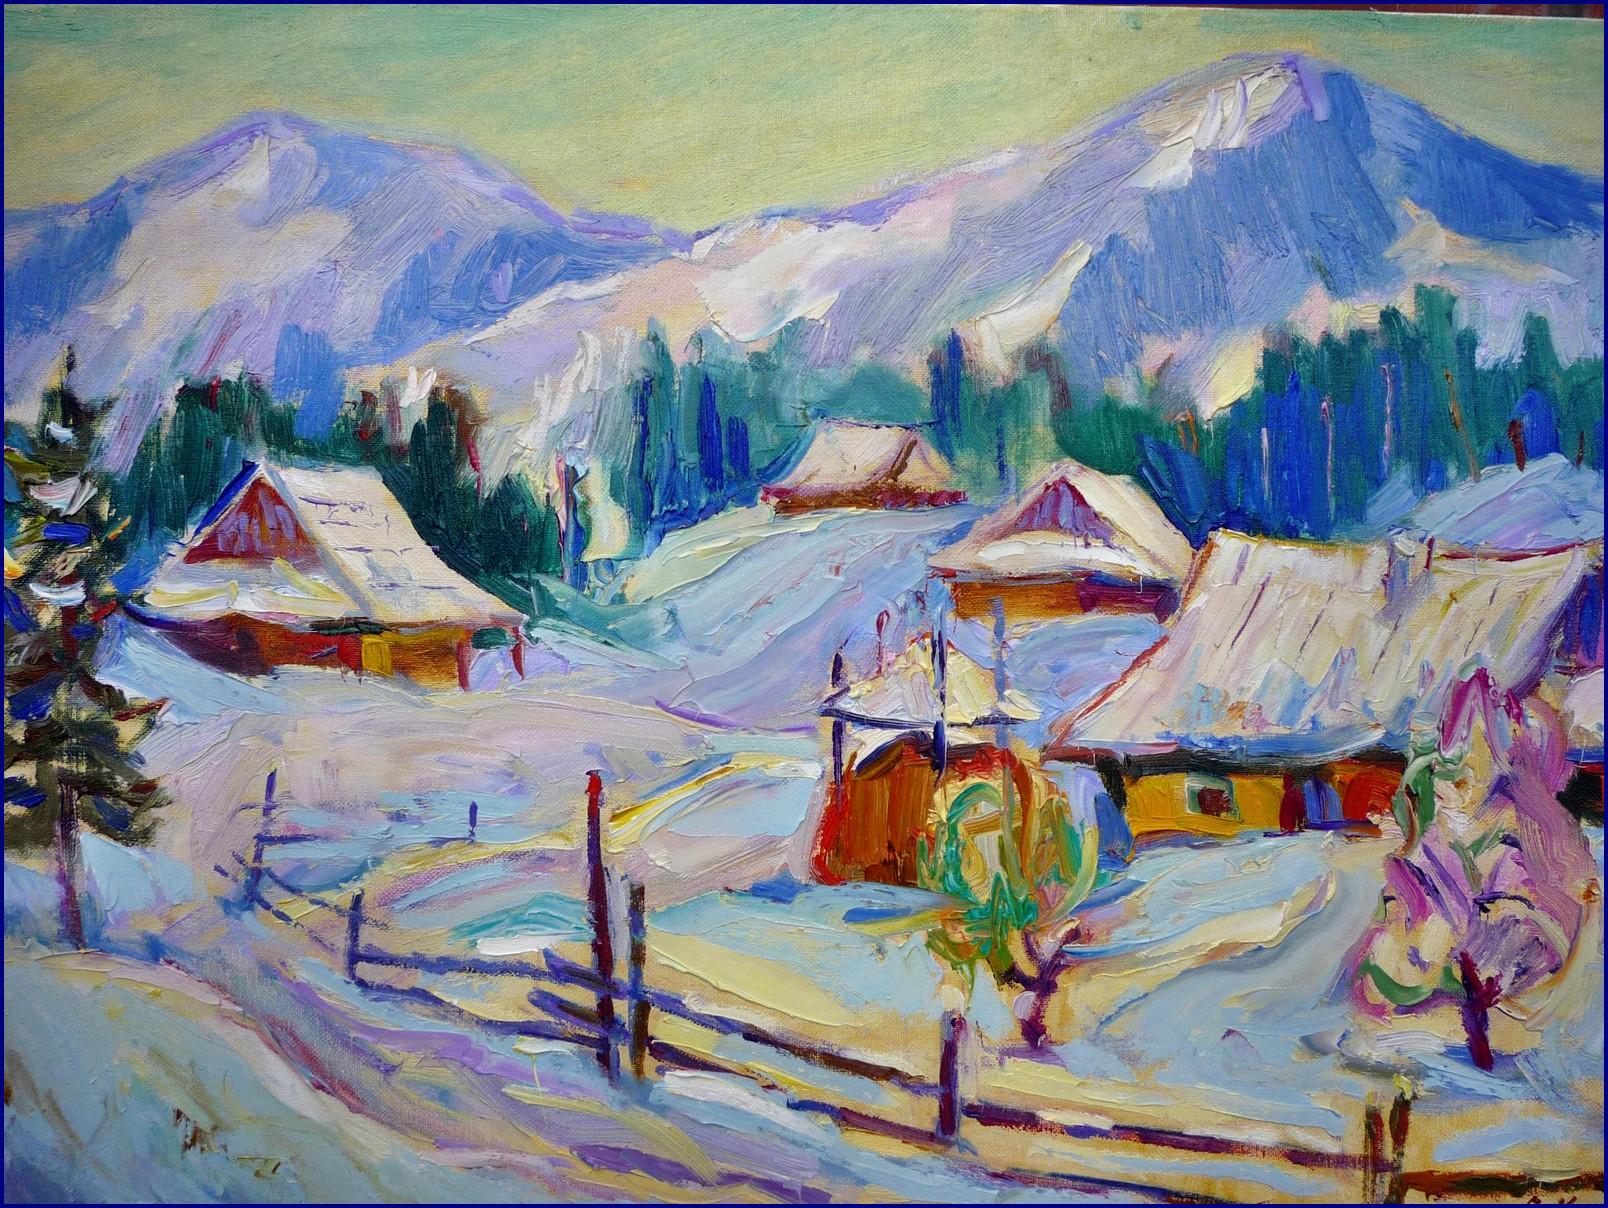 1310917205_zimoviy-peyzazh-1600x1200_www.nevsepic.com.ua